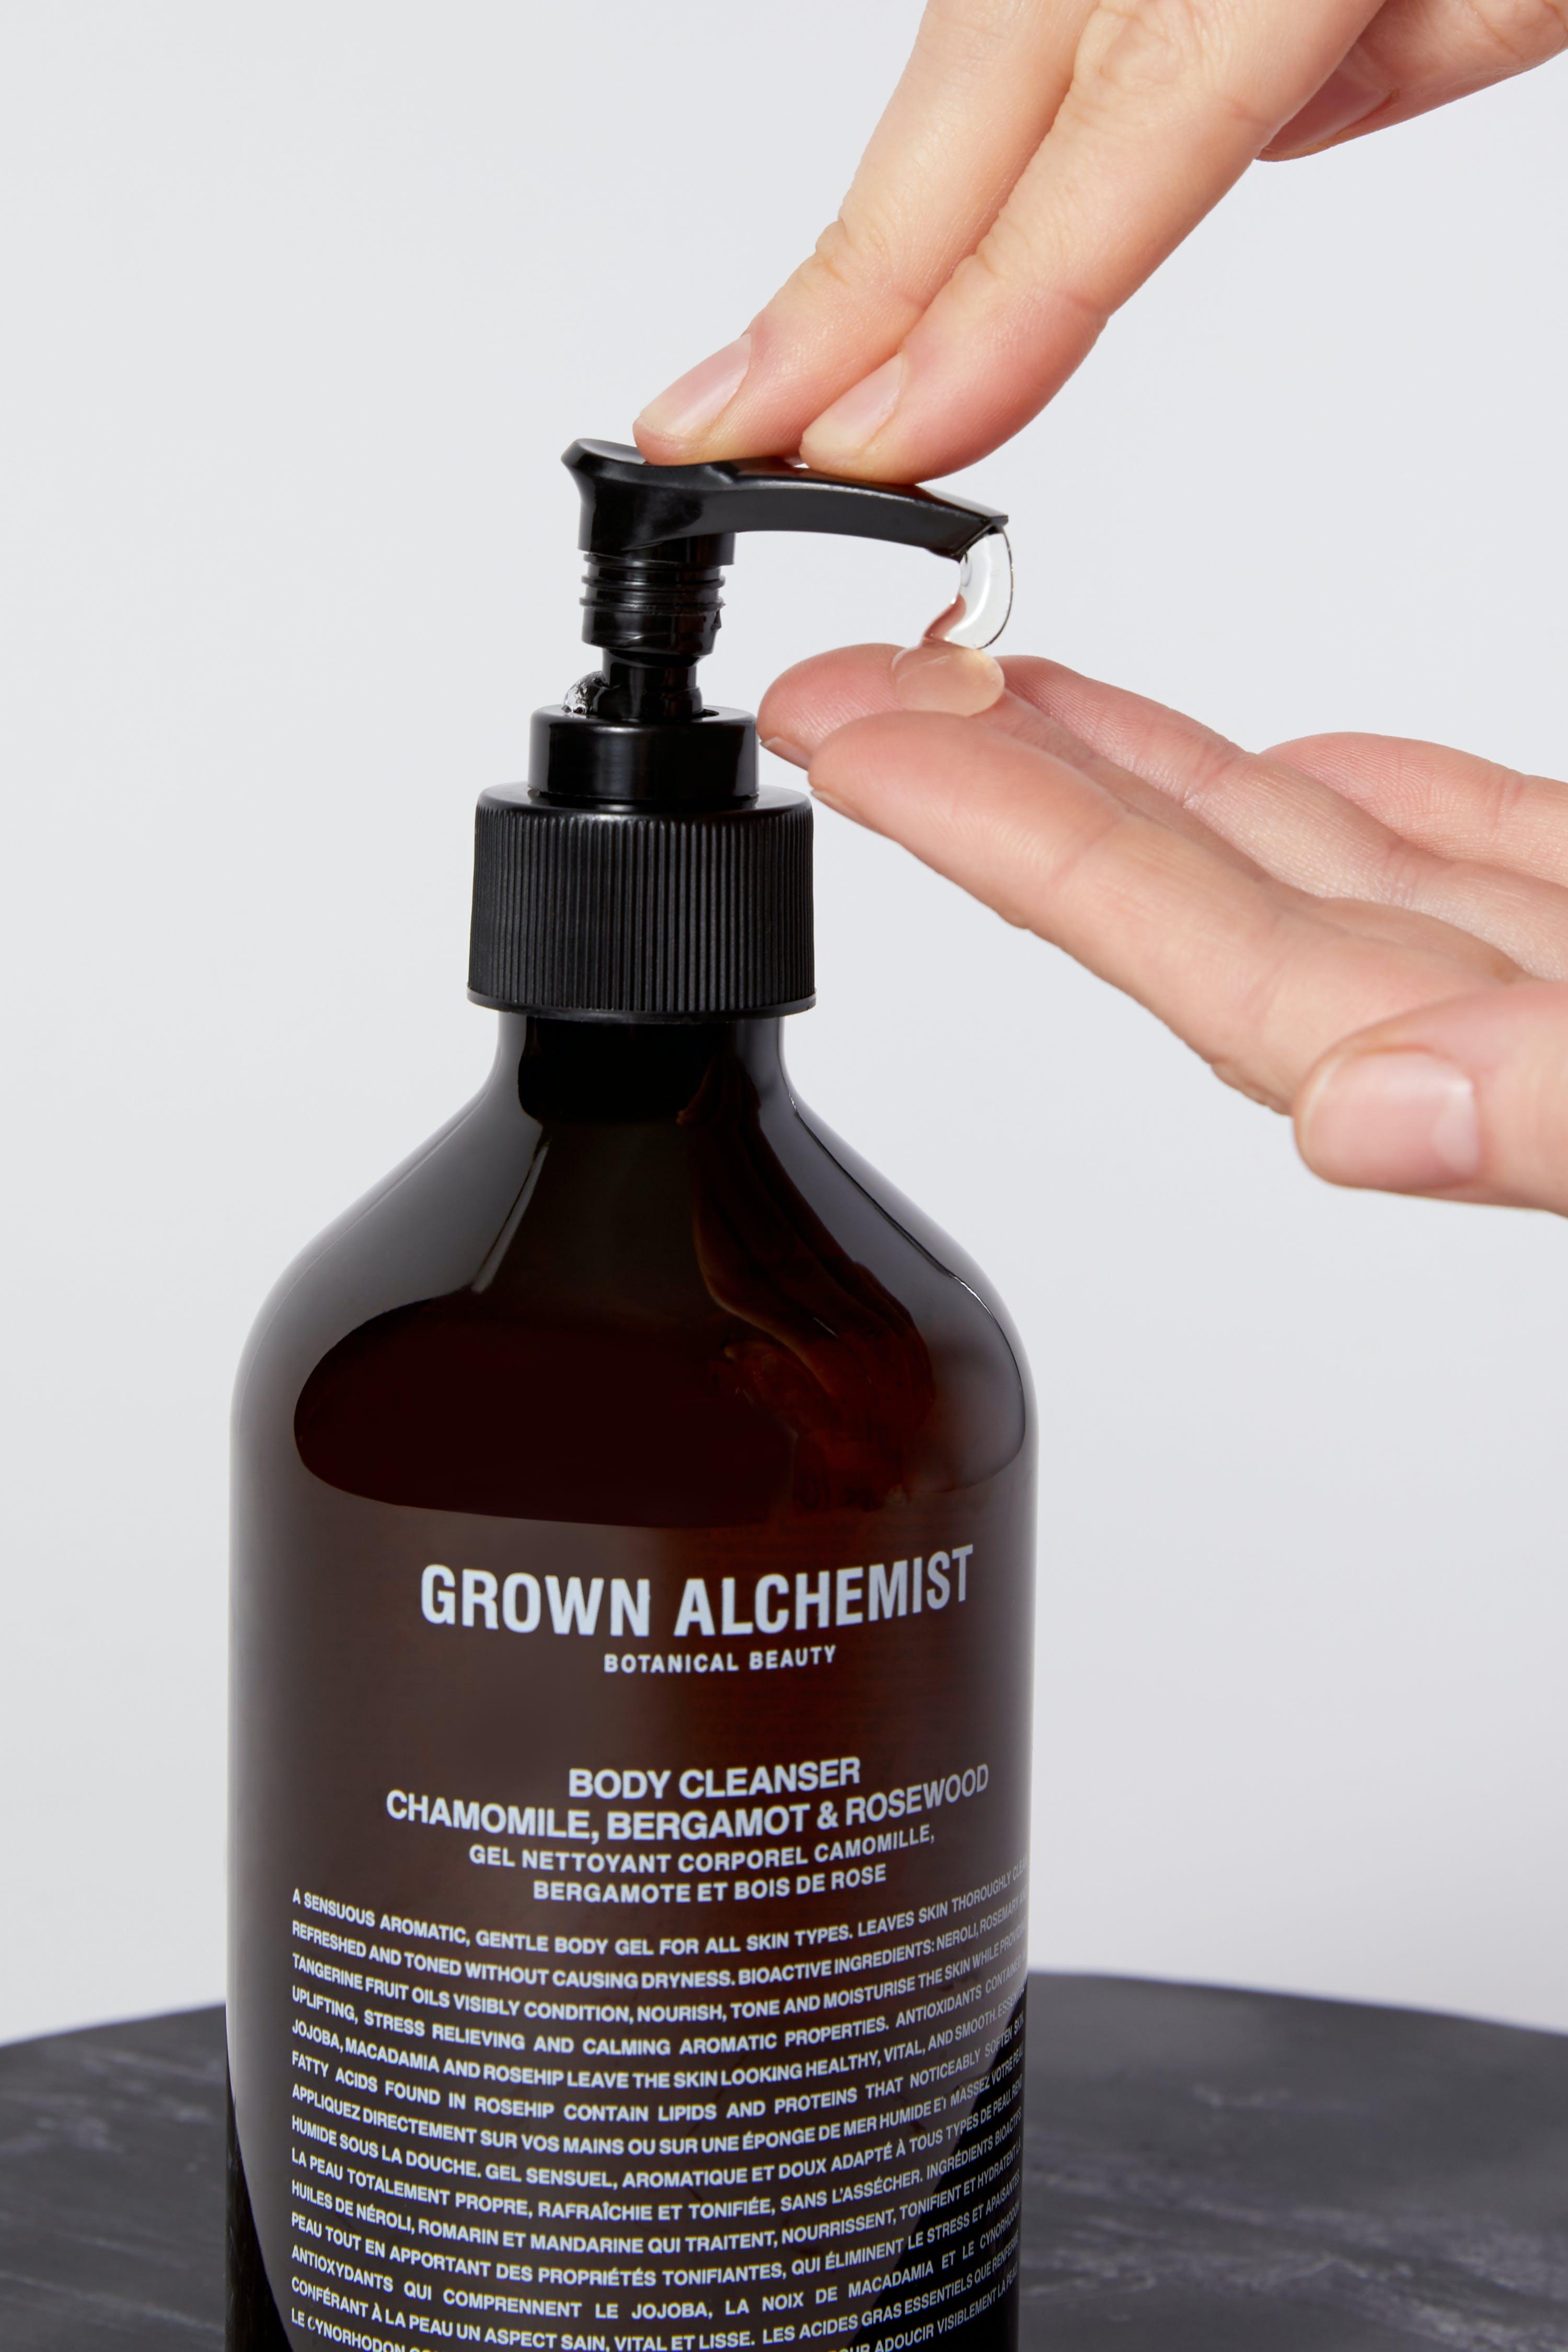 Grown Alchemist Body Cleanser: Chamomile, Bergamot, Rose